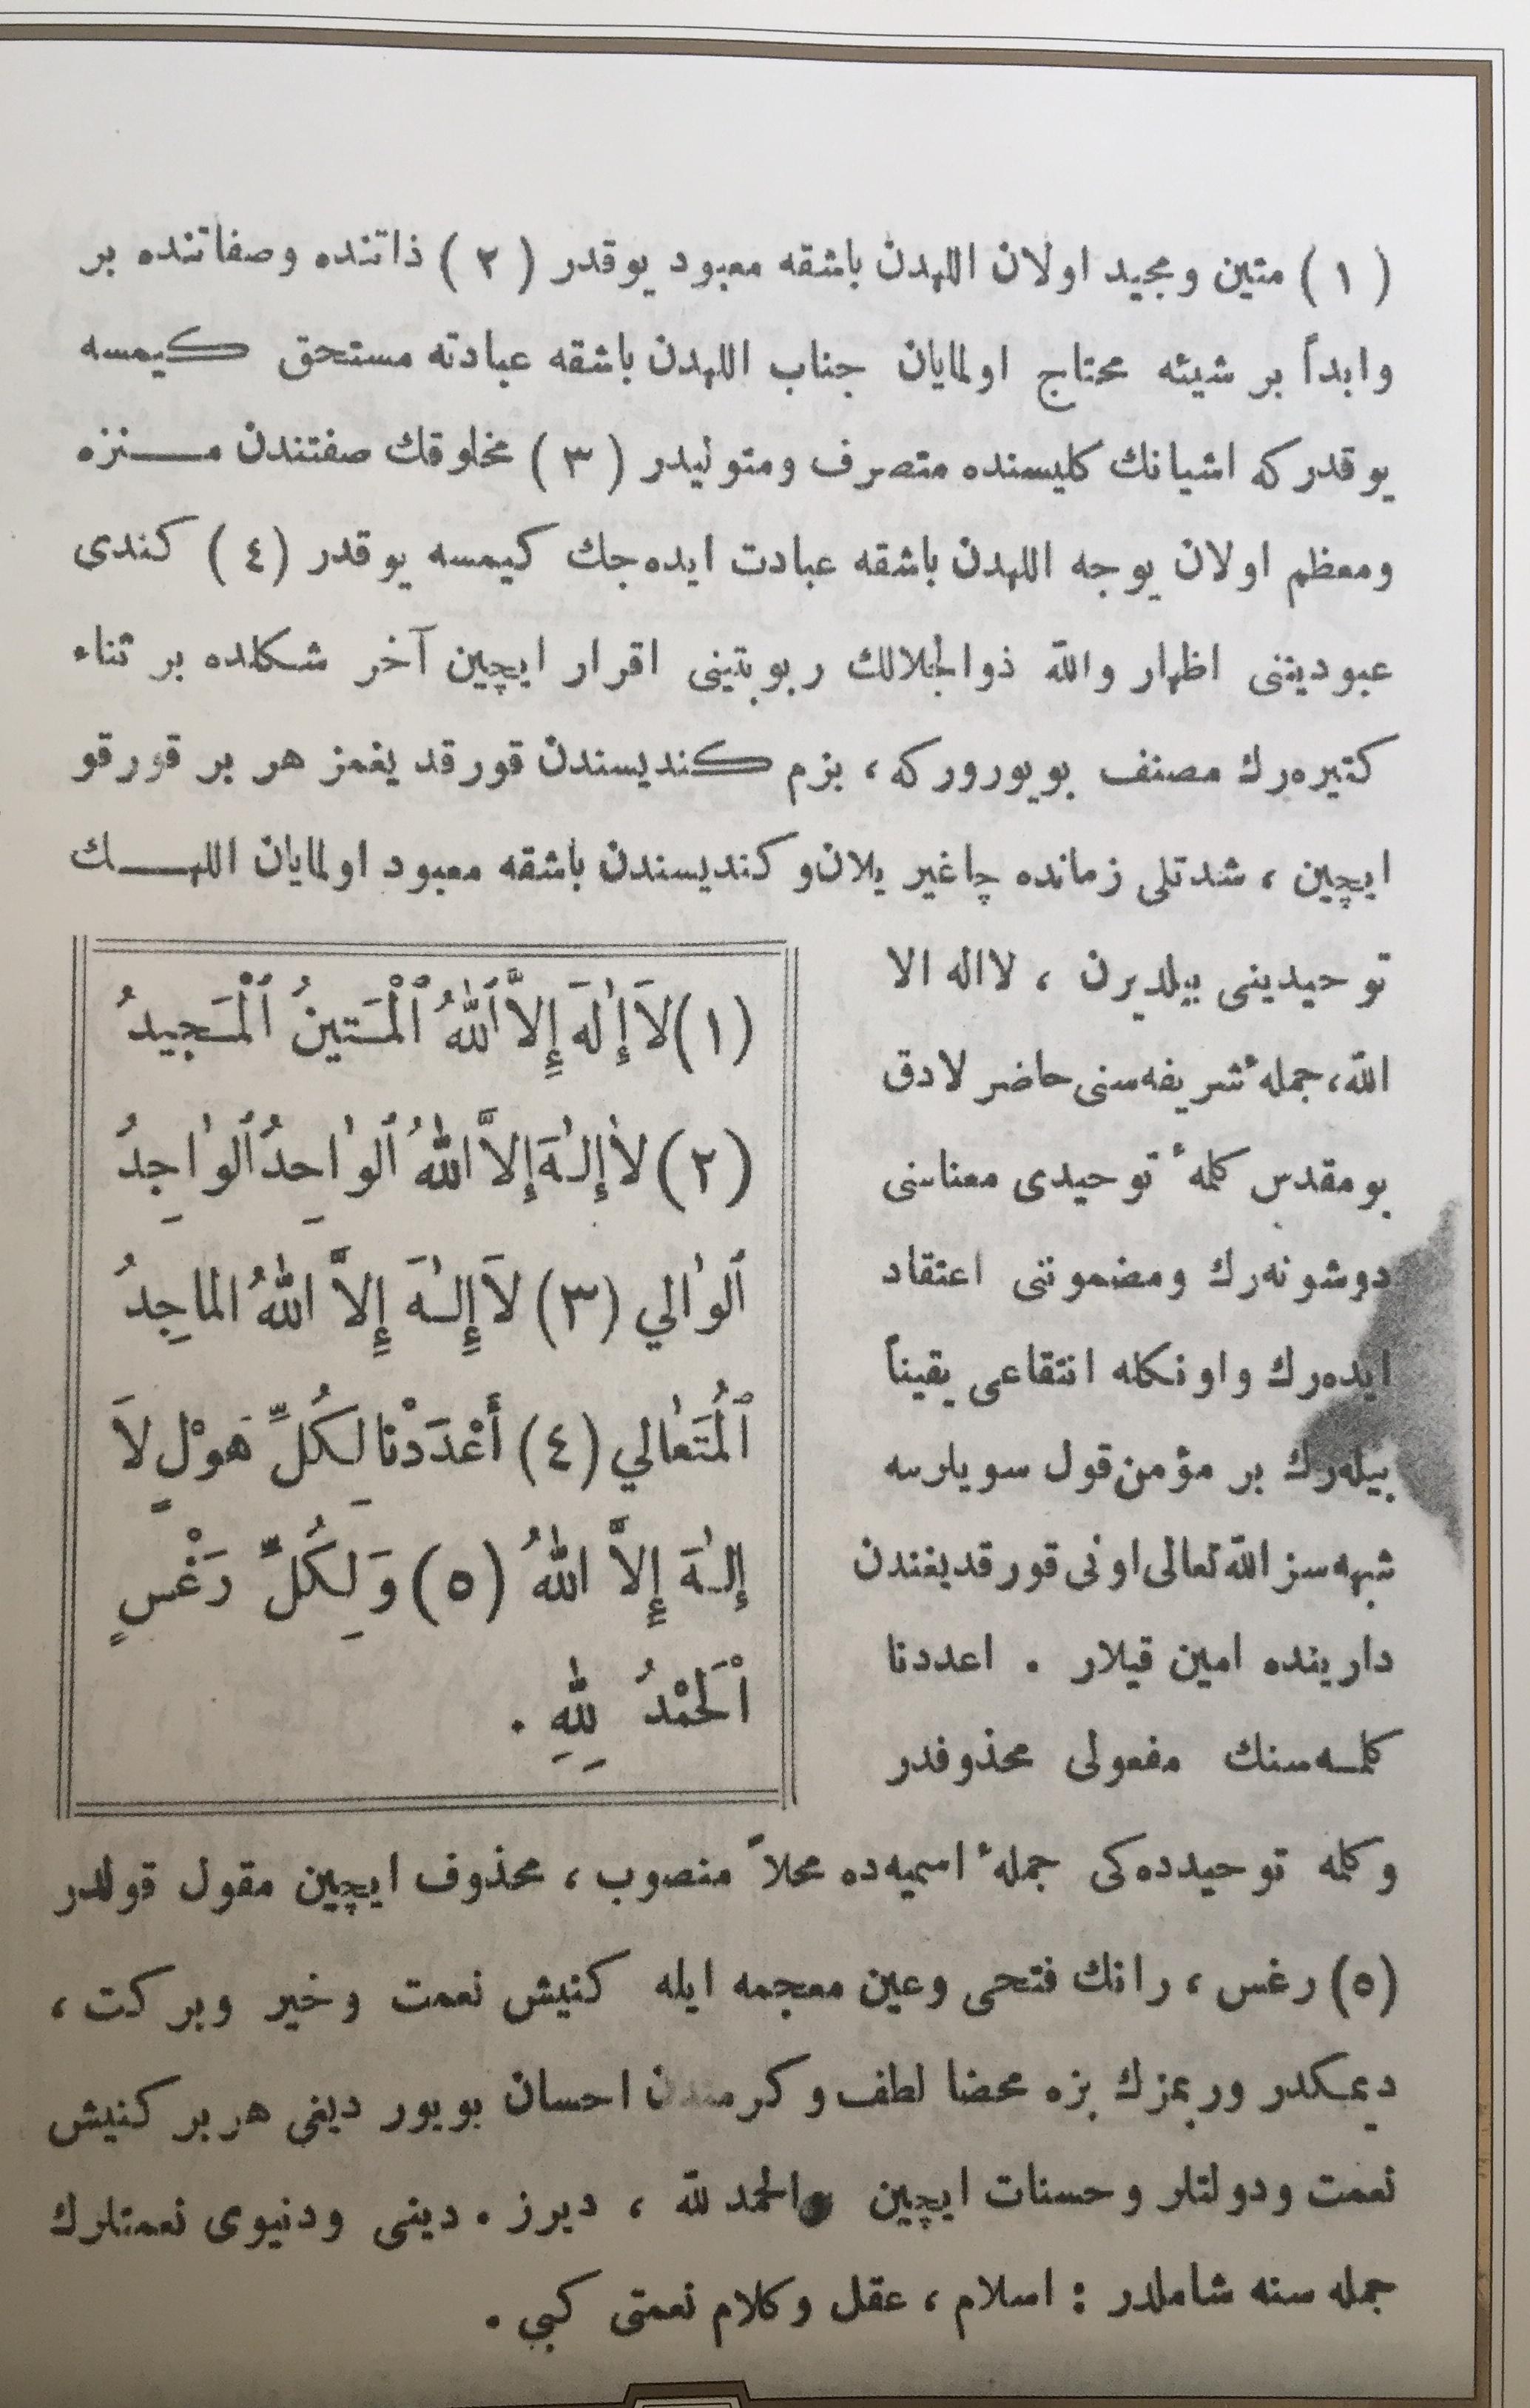 Evrâdı Behaiyye El Yazması Orjinal Kitabından Bir Kaç Örnek Nüsha